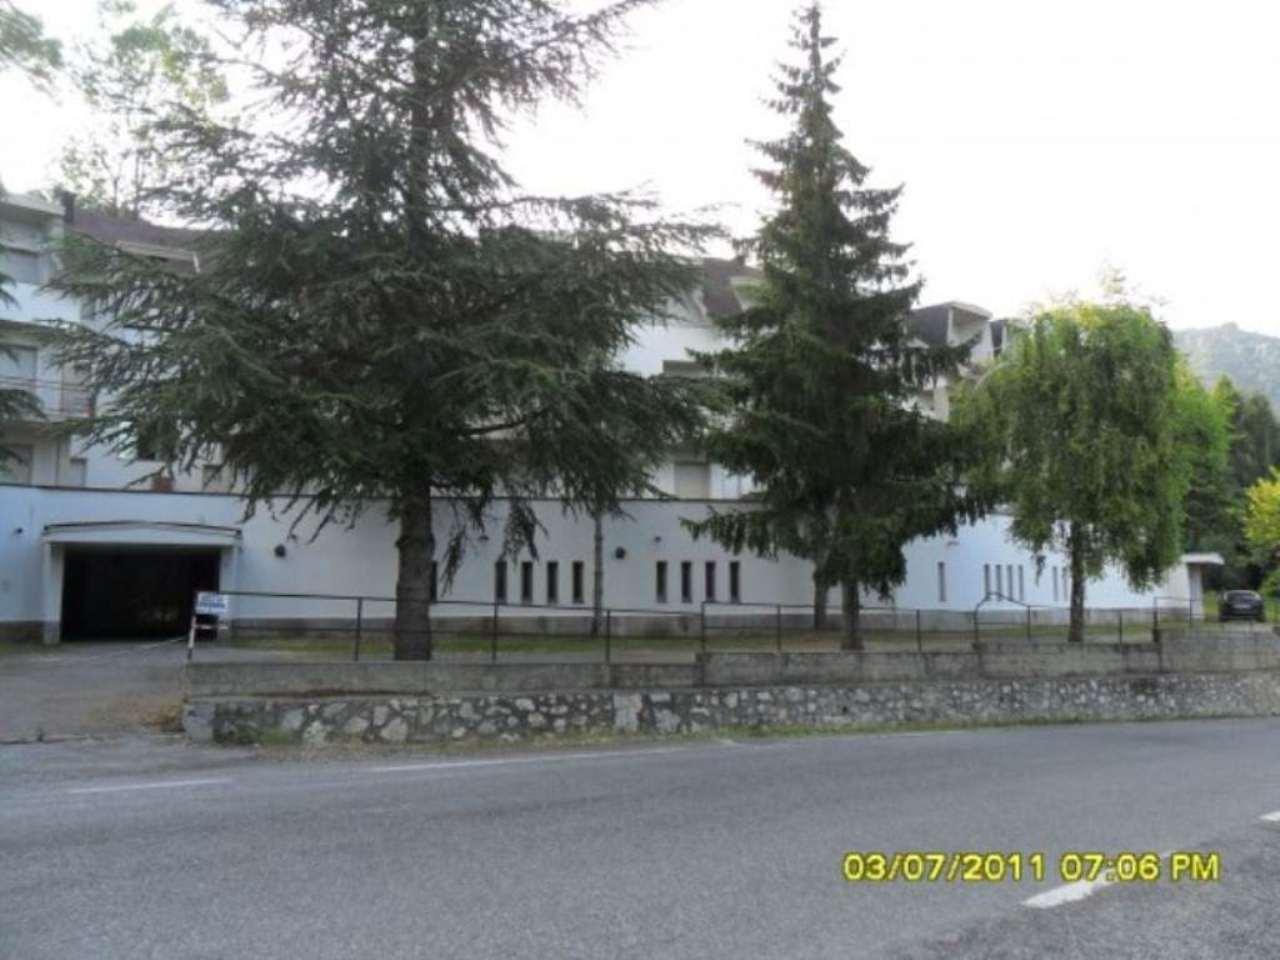 Appartamento in vendita a Viola, 2 locali, zona Località: Semicentro, prezzo € 23.000 | CambioCasa.it